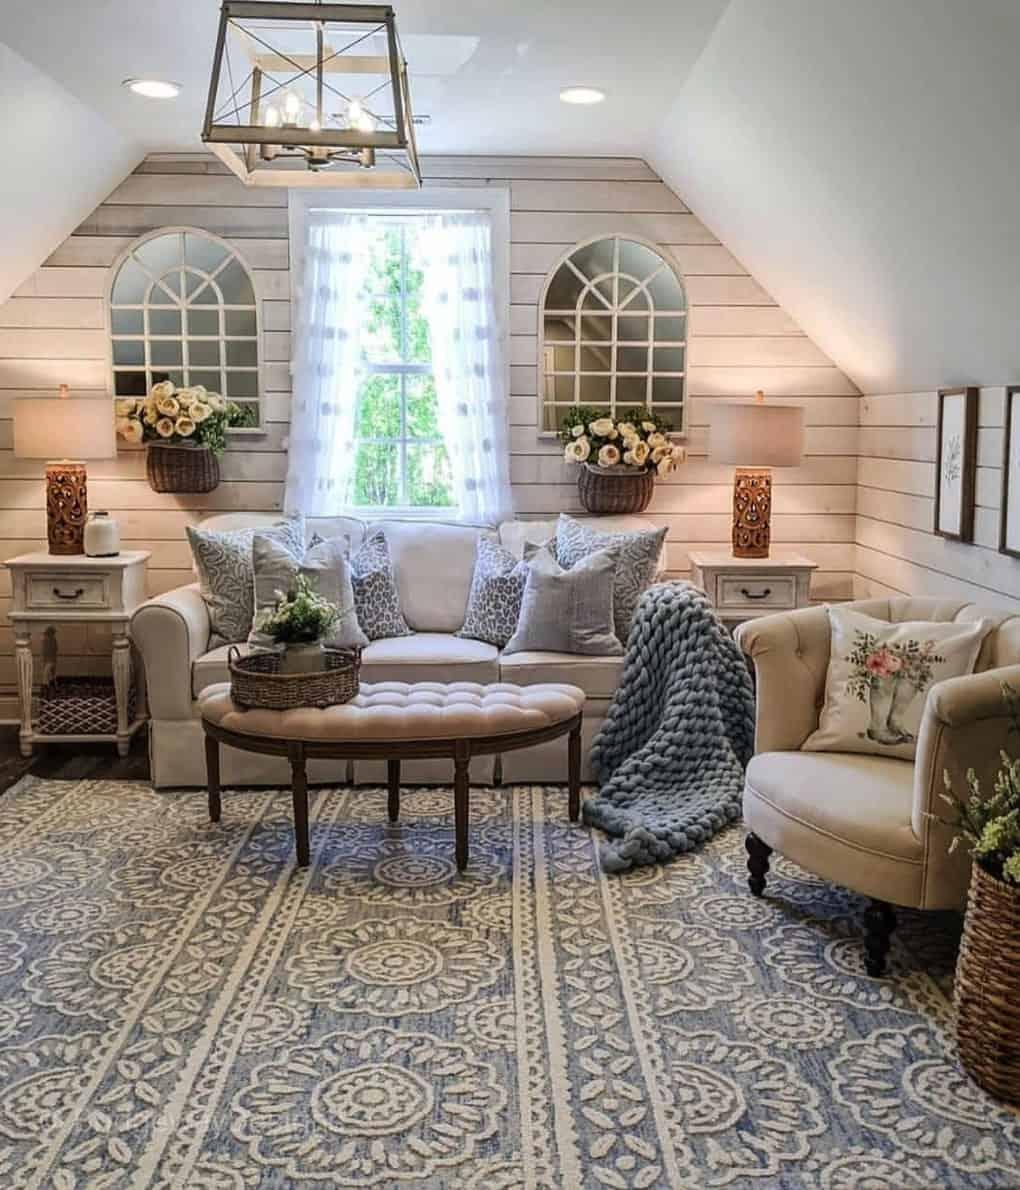 Incredibly Inspiring Modern Farmhouse Decor Ideas For Your Home